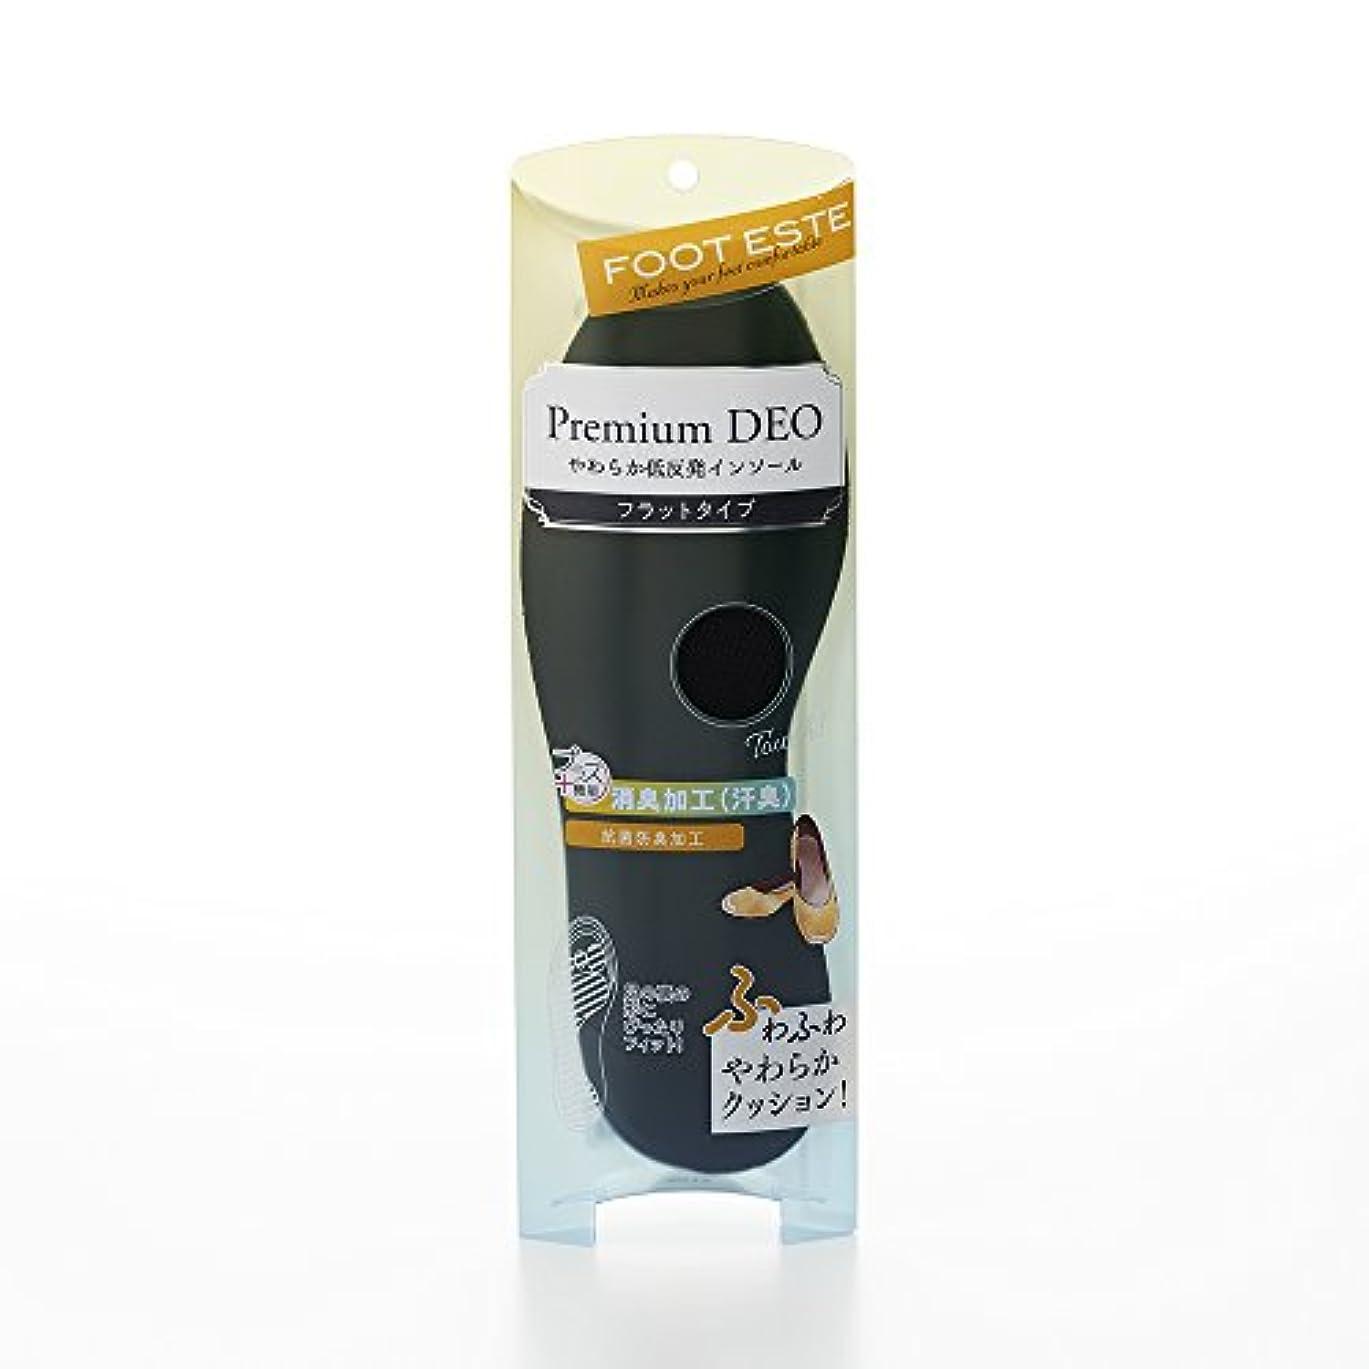 指標成人期努力するフットエステ Premium DEO プレミアムデオ やわらか低反発インソール フラットタイプ 【消臭 抗菌防臭】